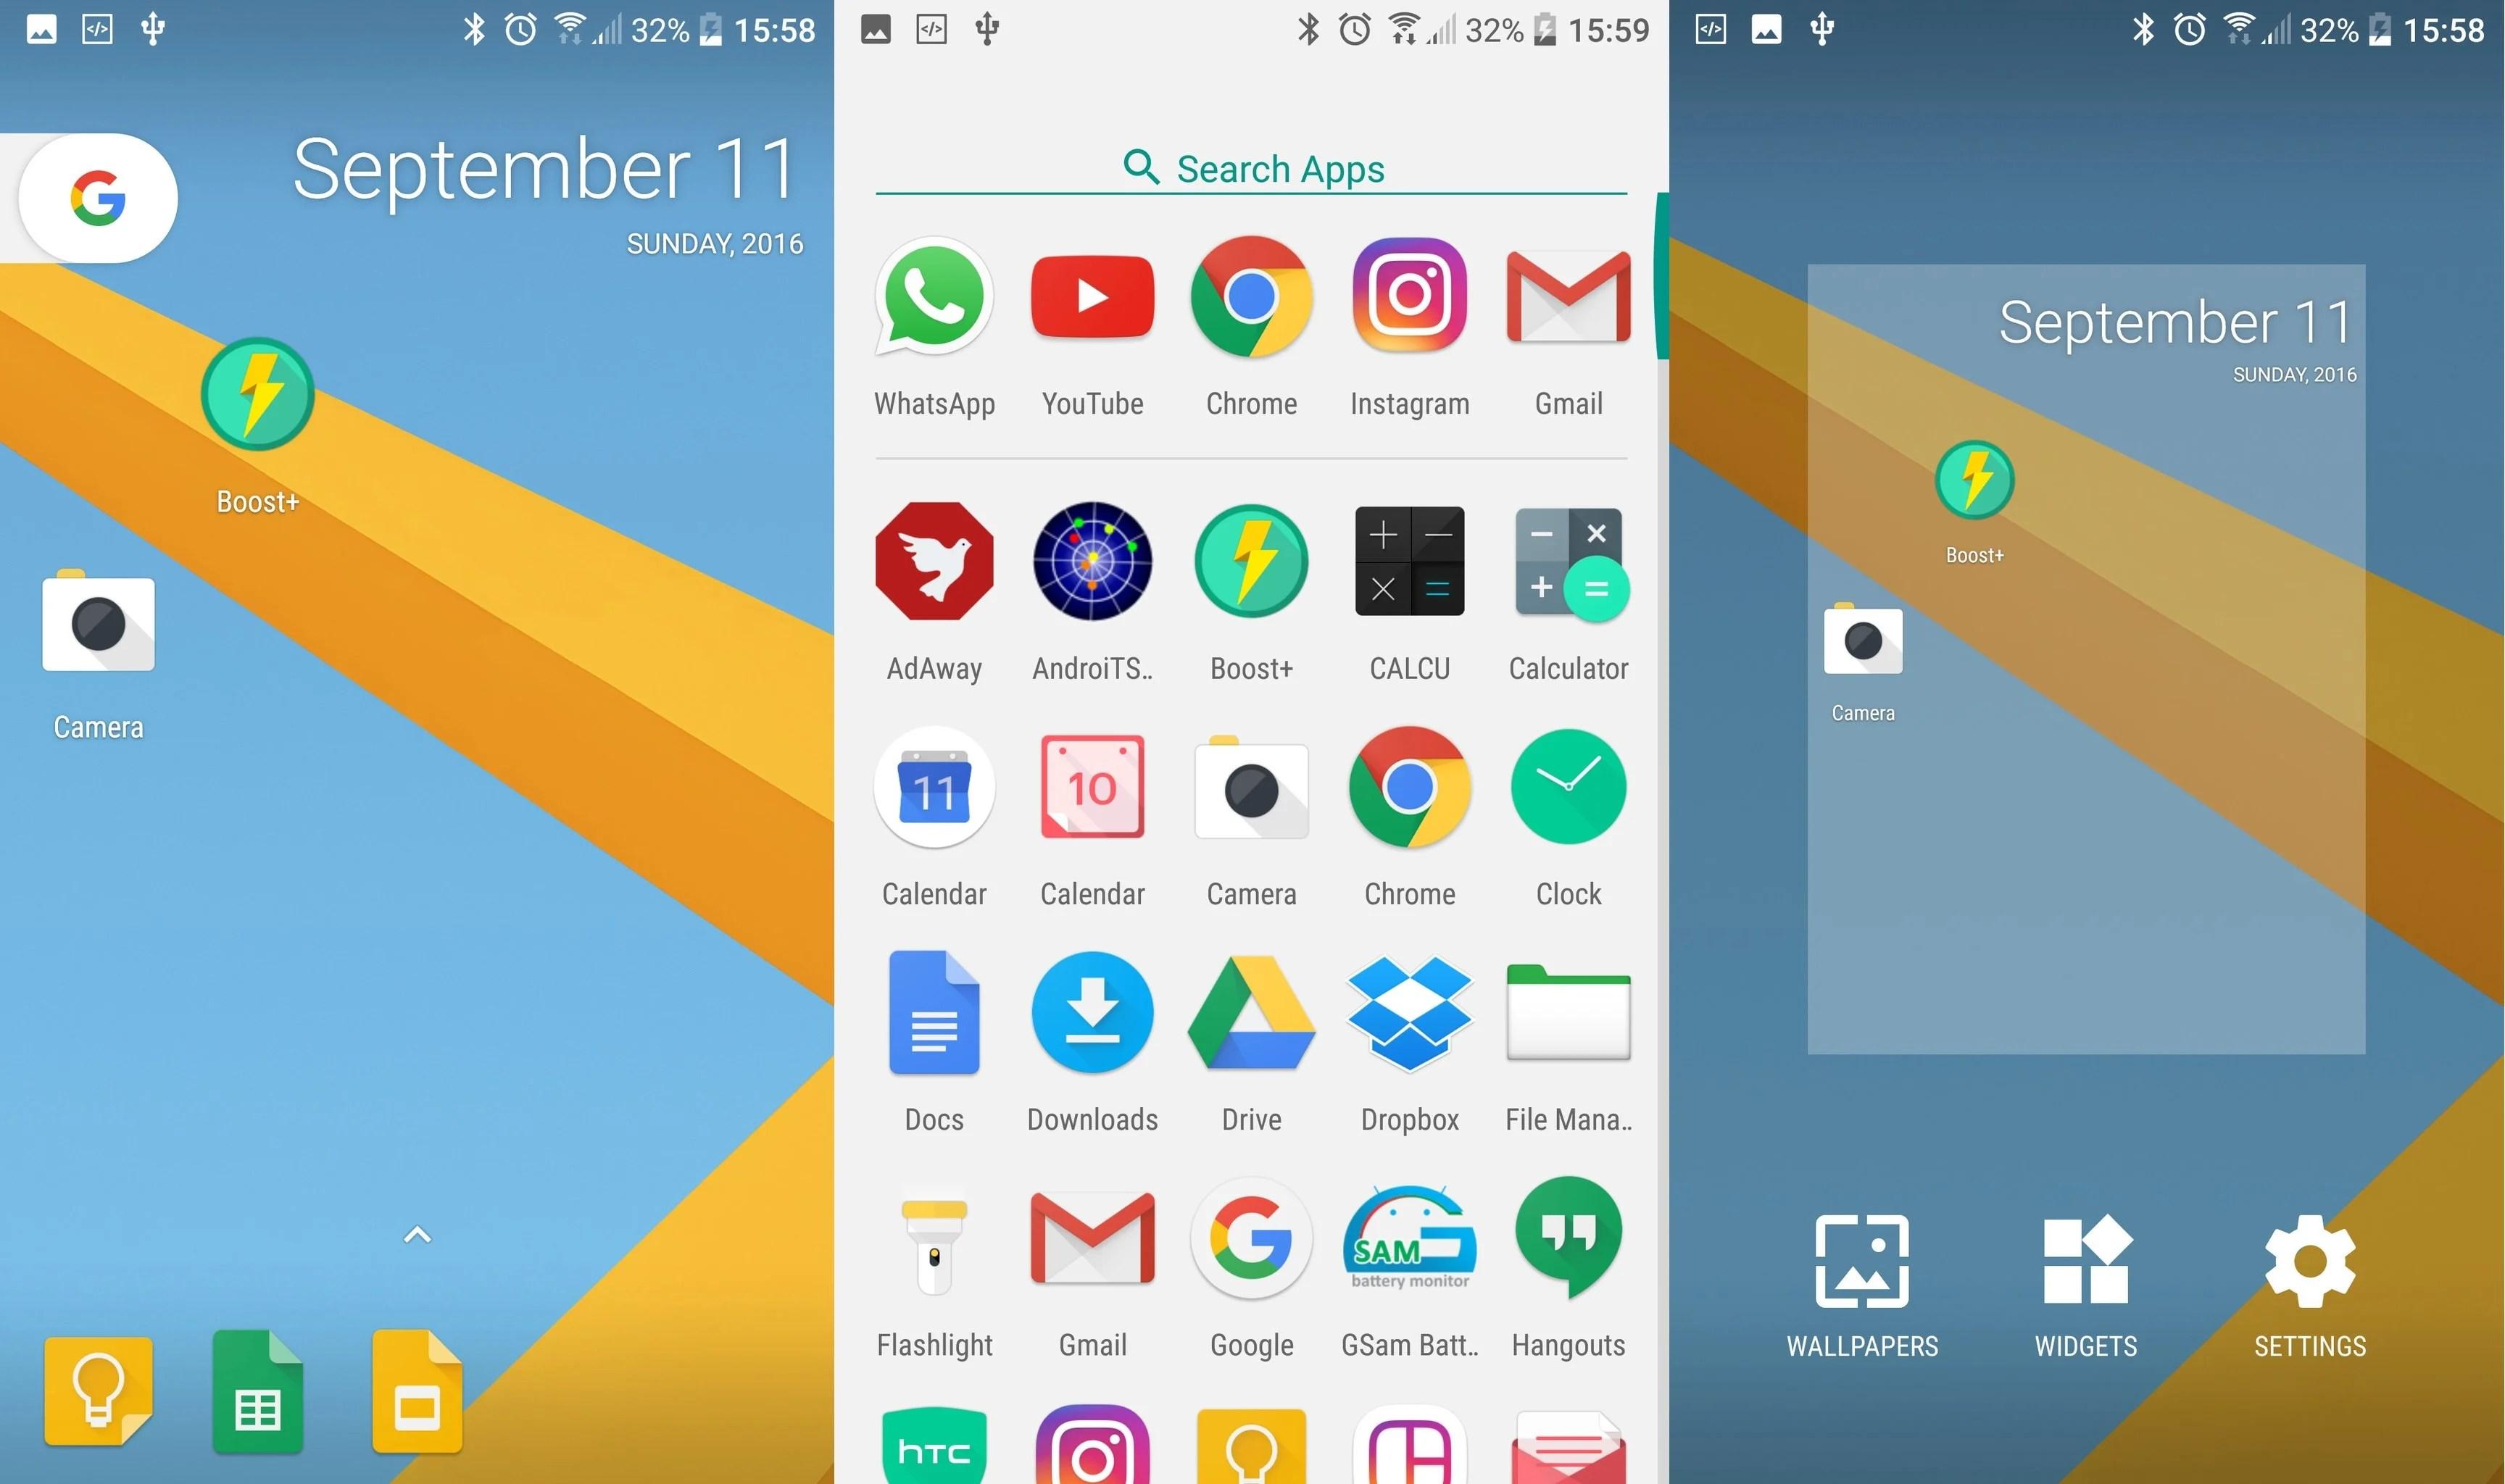 Un avant goût du Pixel Launcher d'Android 7.1 Nougat grâce à Action Launcher 3